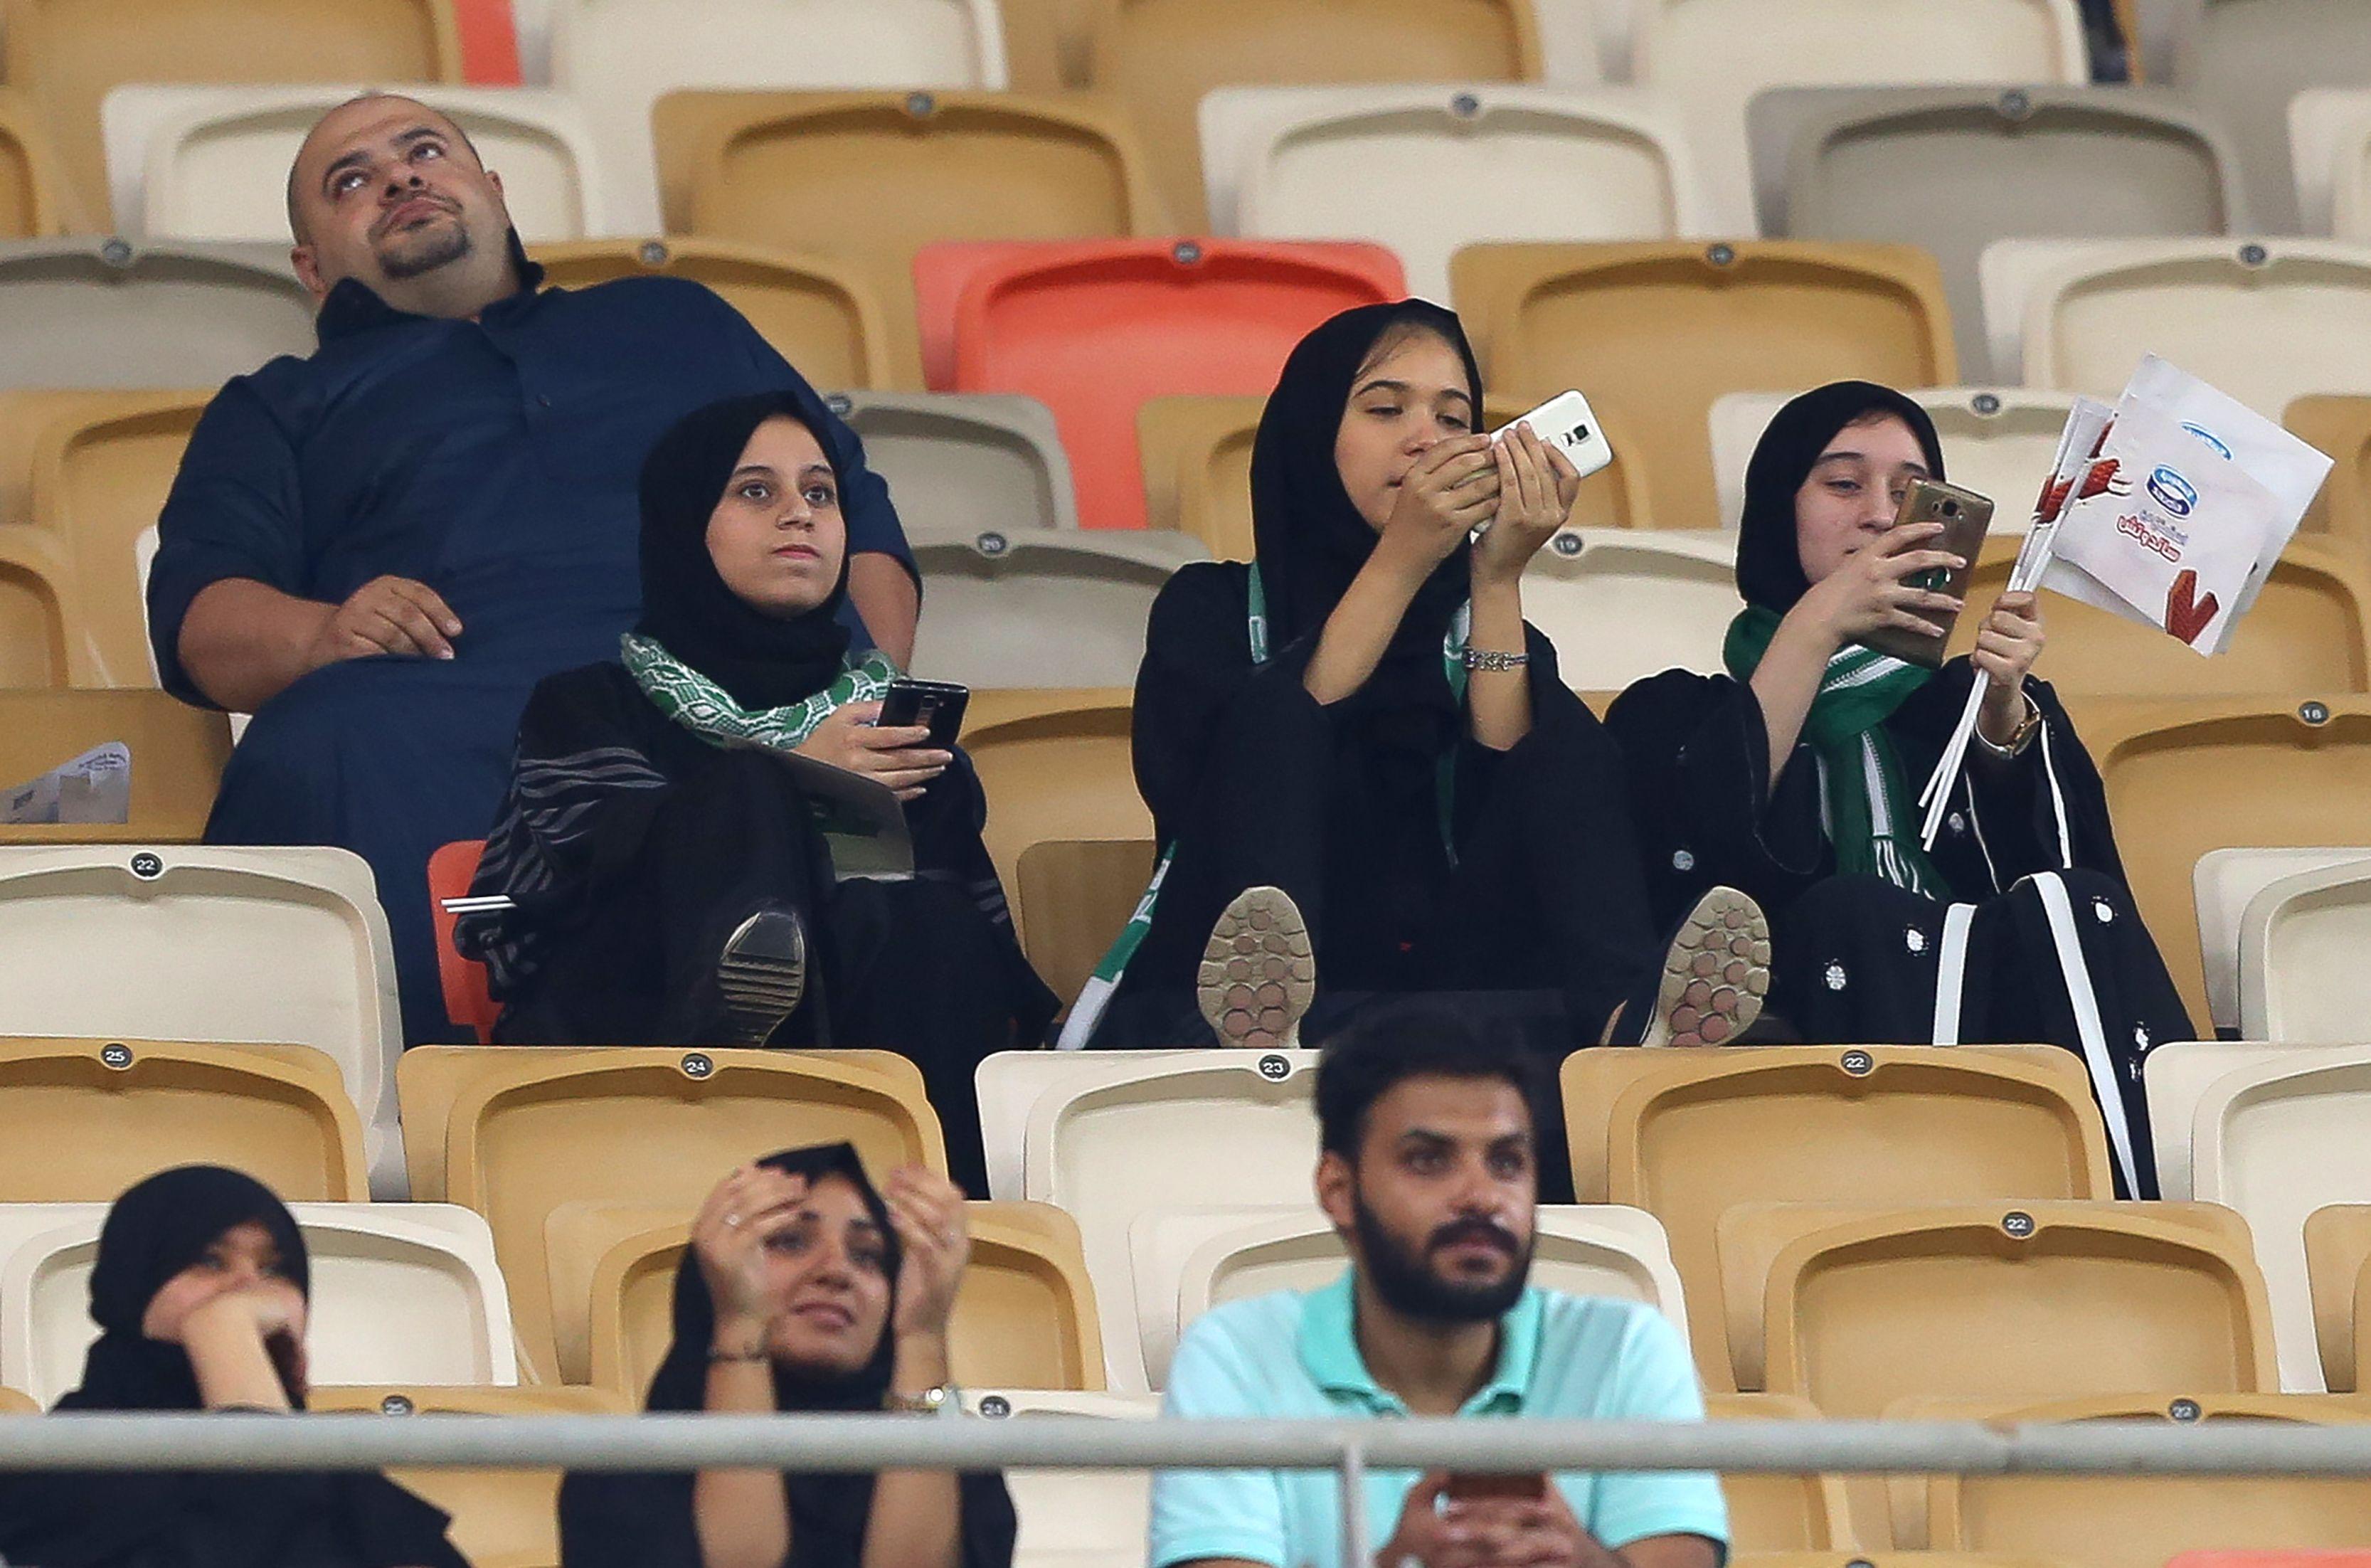 جانب من ظهور السعوديات في المدرجات